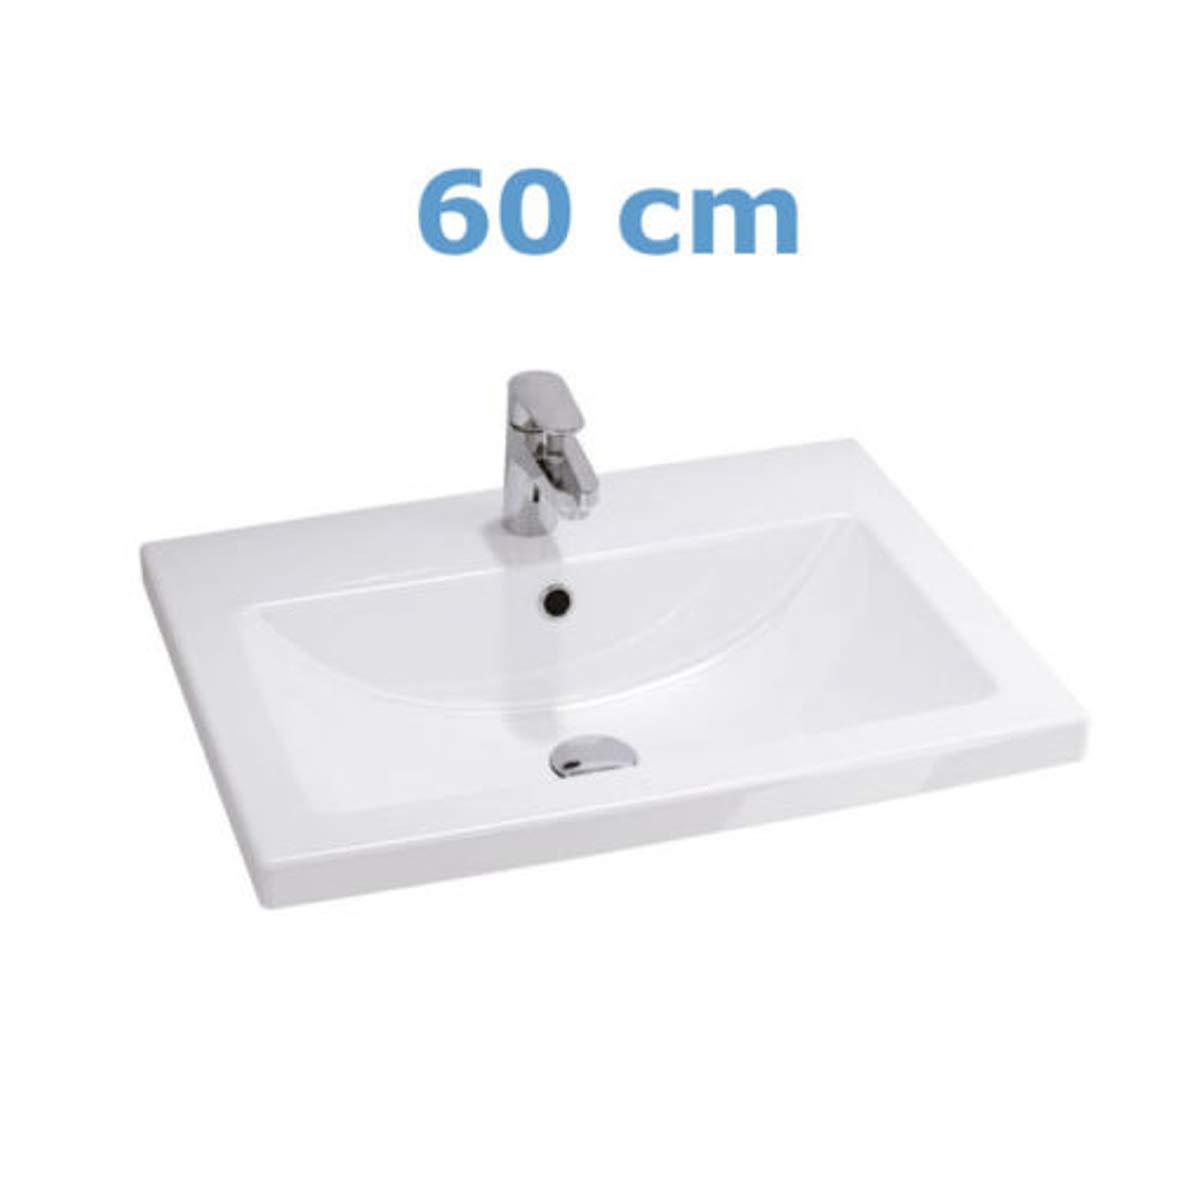 VBChome Badmöbel 60cm Waschbecken mit Unterschrank 60cm Badmöbel 2 Schubladen Nussbaum Lara 6d2240